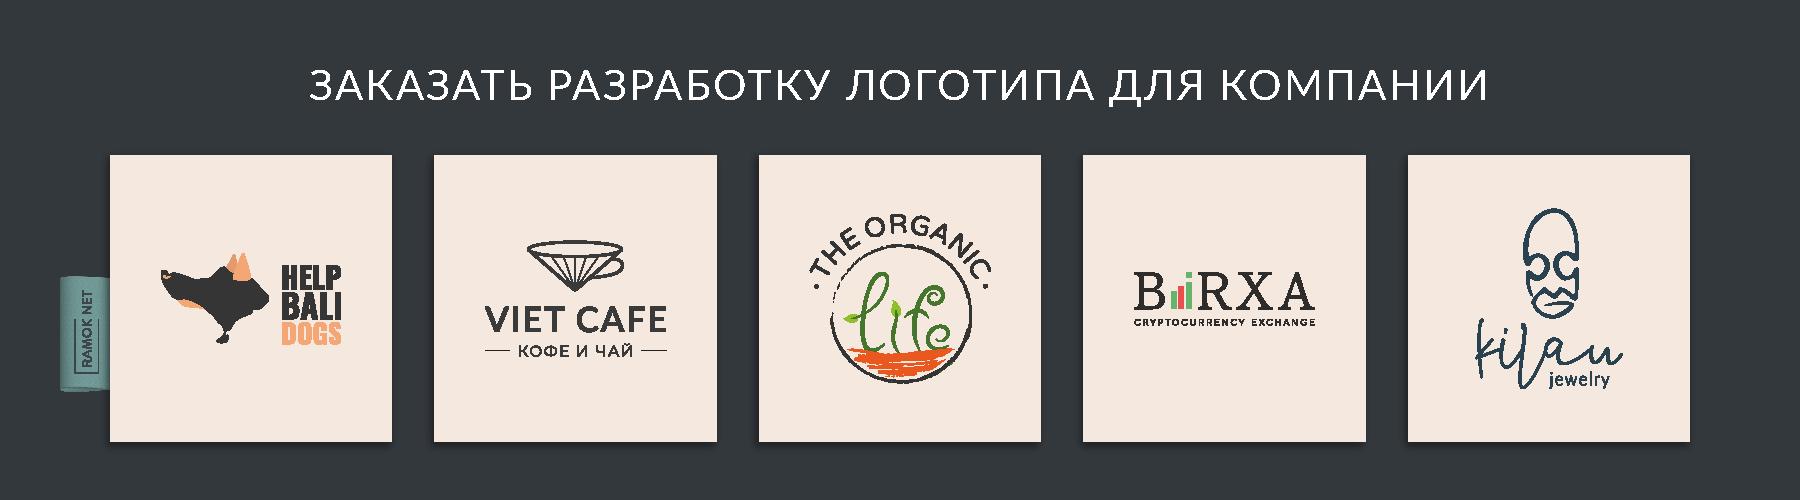 Заказать логотип - Где заказать разработку и создание фирменного логотипа компании